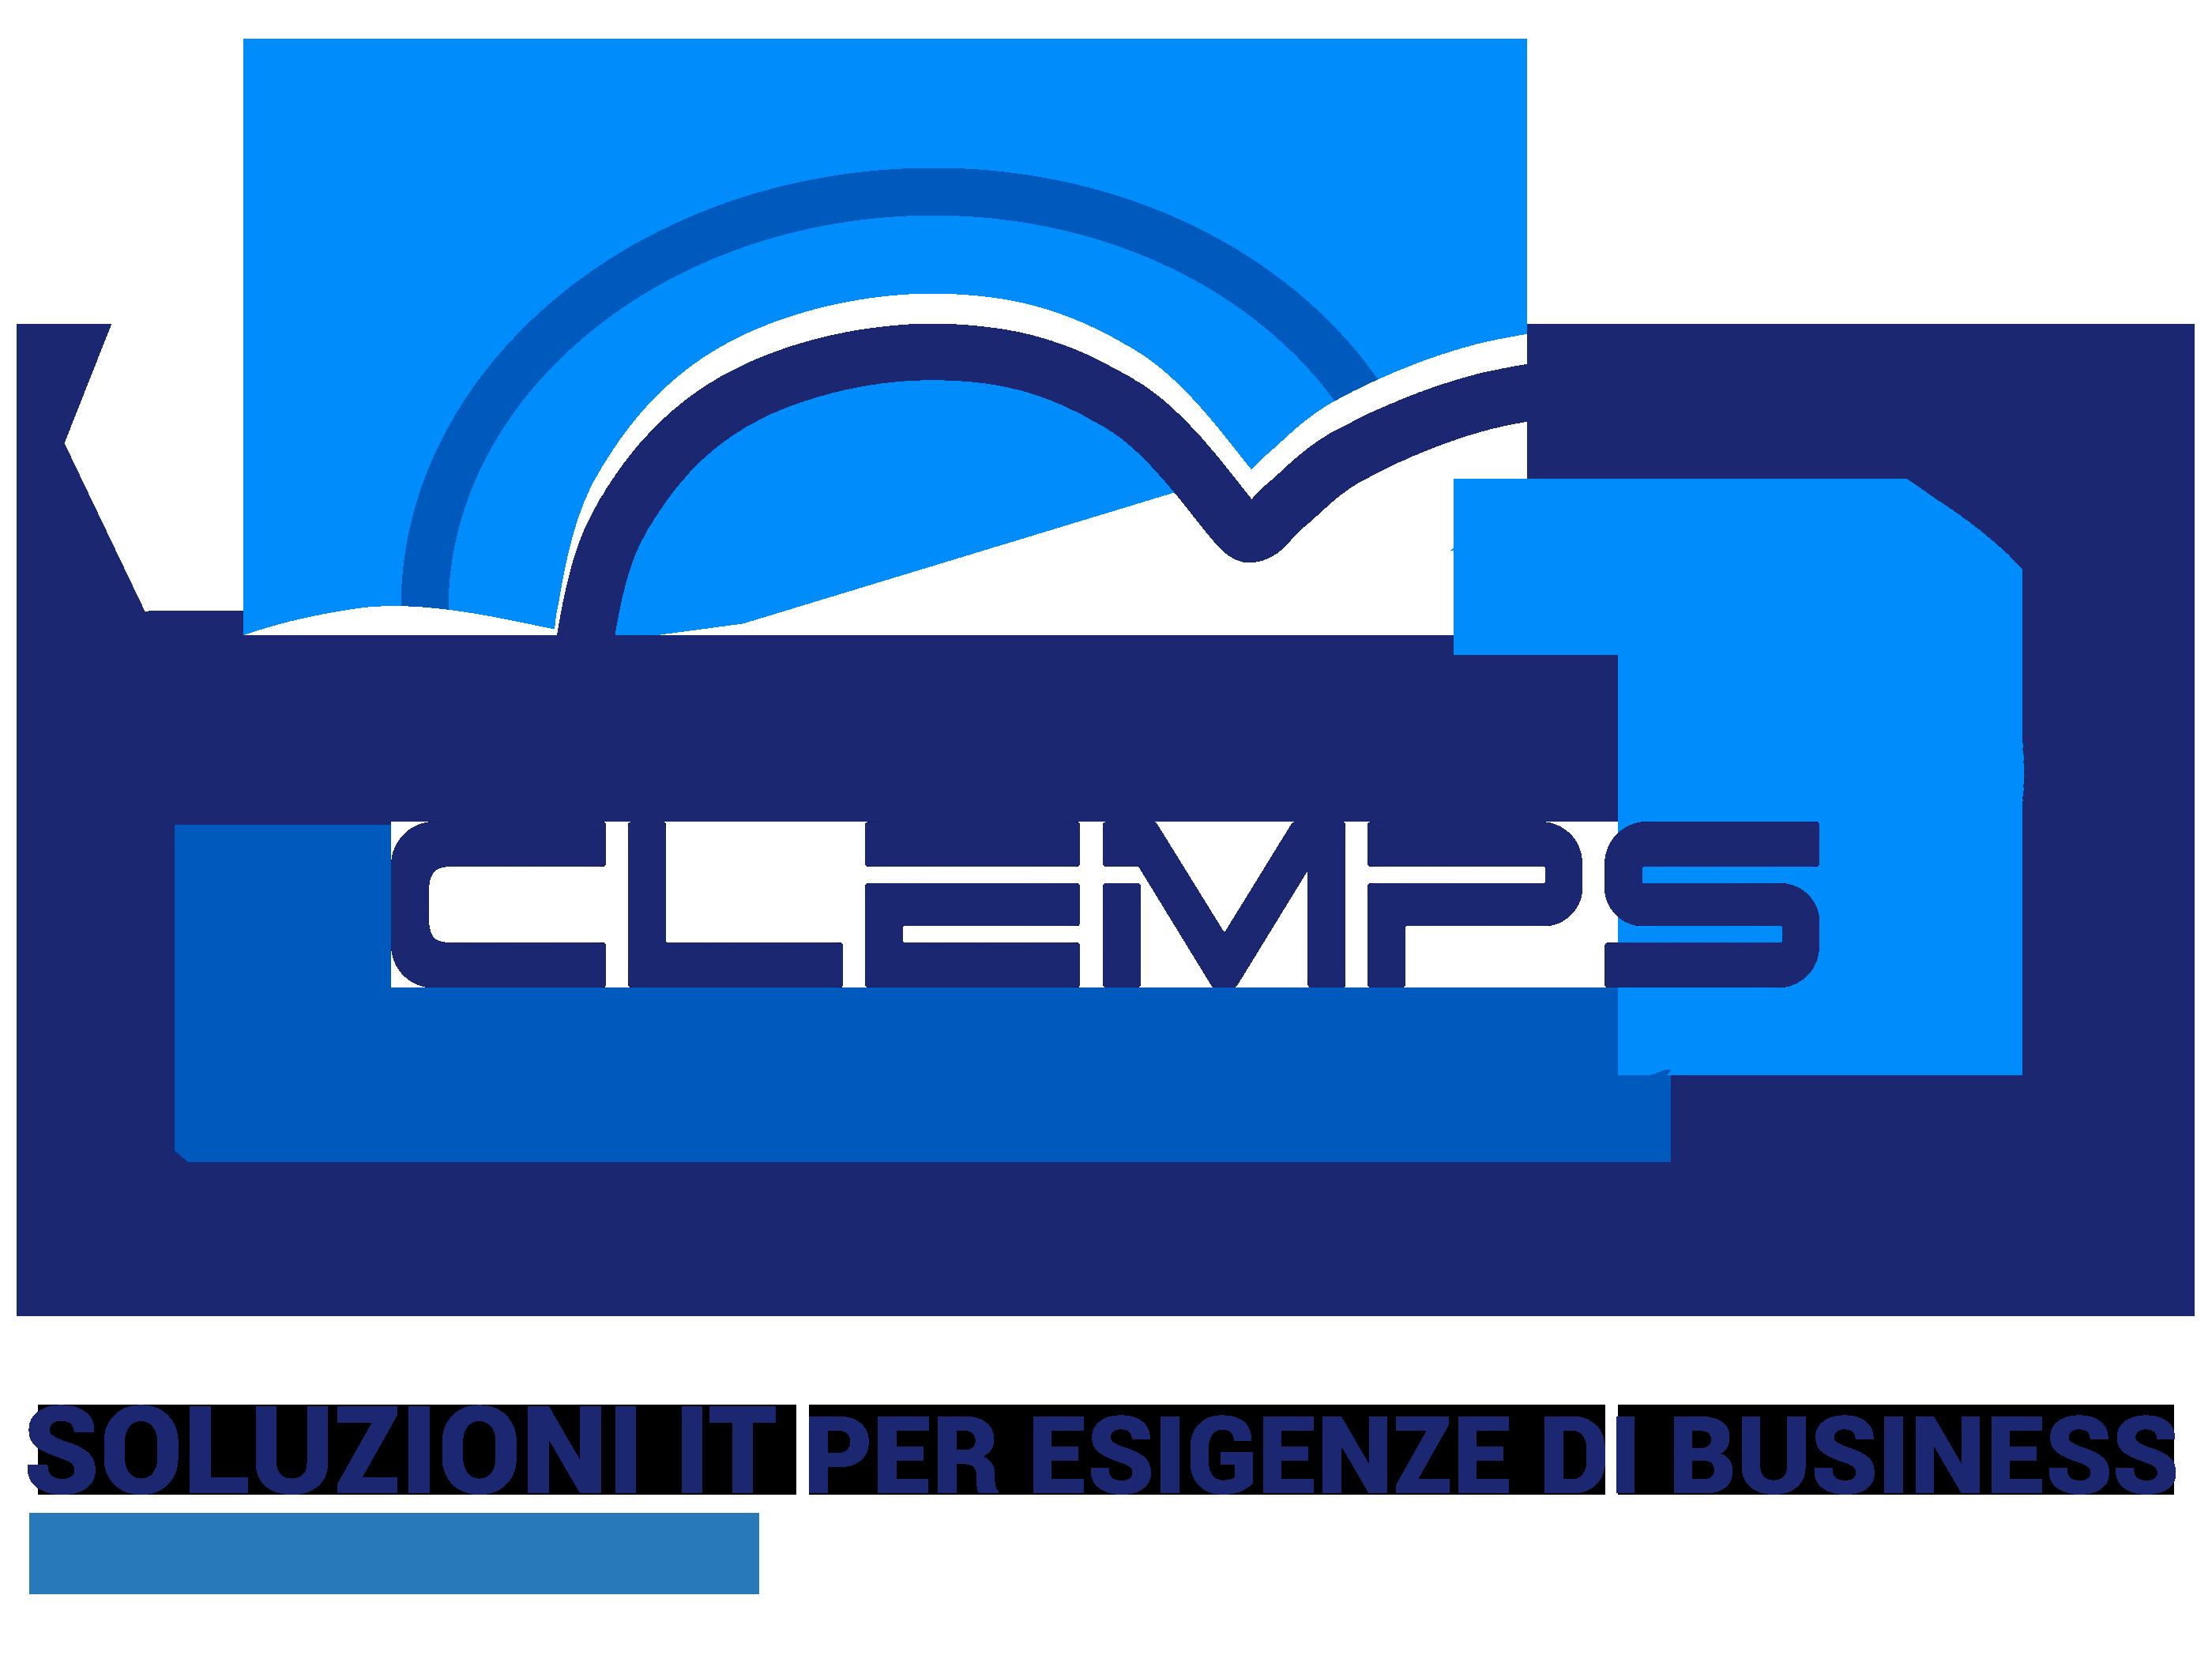 CLEMPS